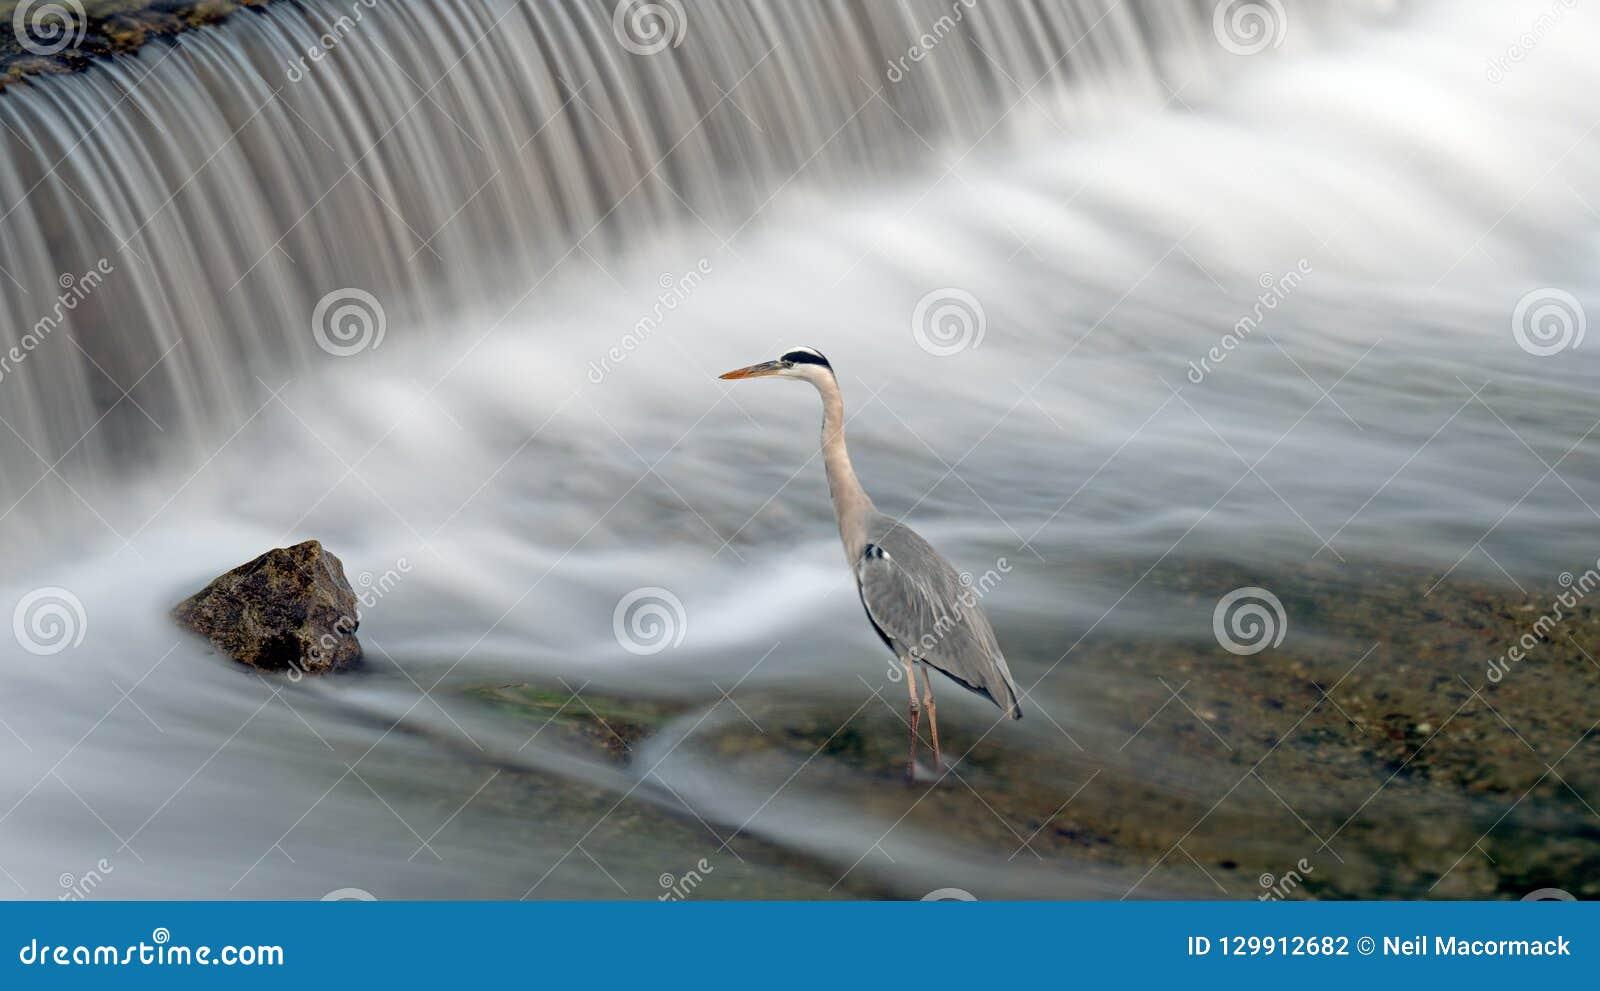 Кран ждет рыбу для того чтобы уловить в реке в Японии